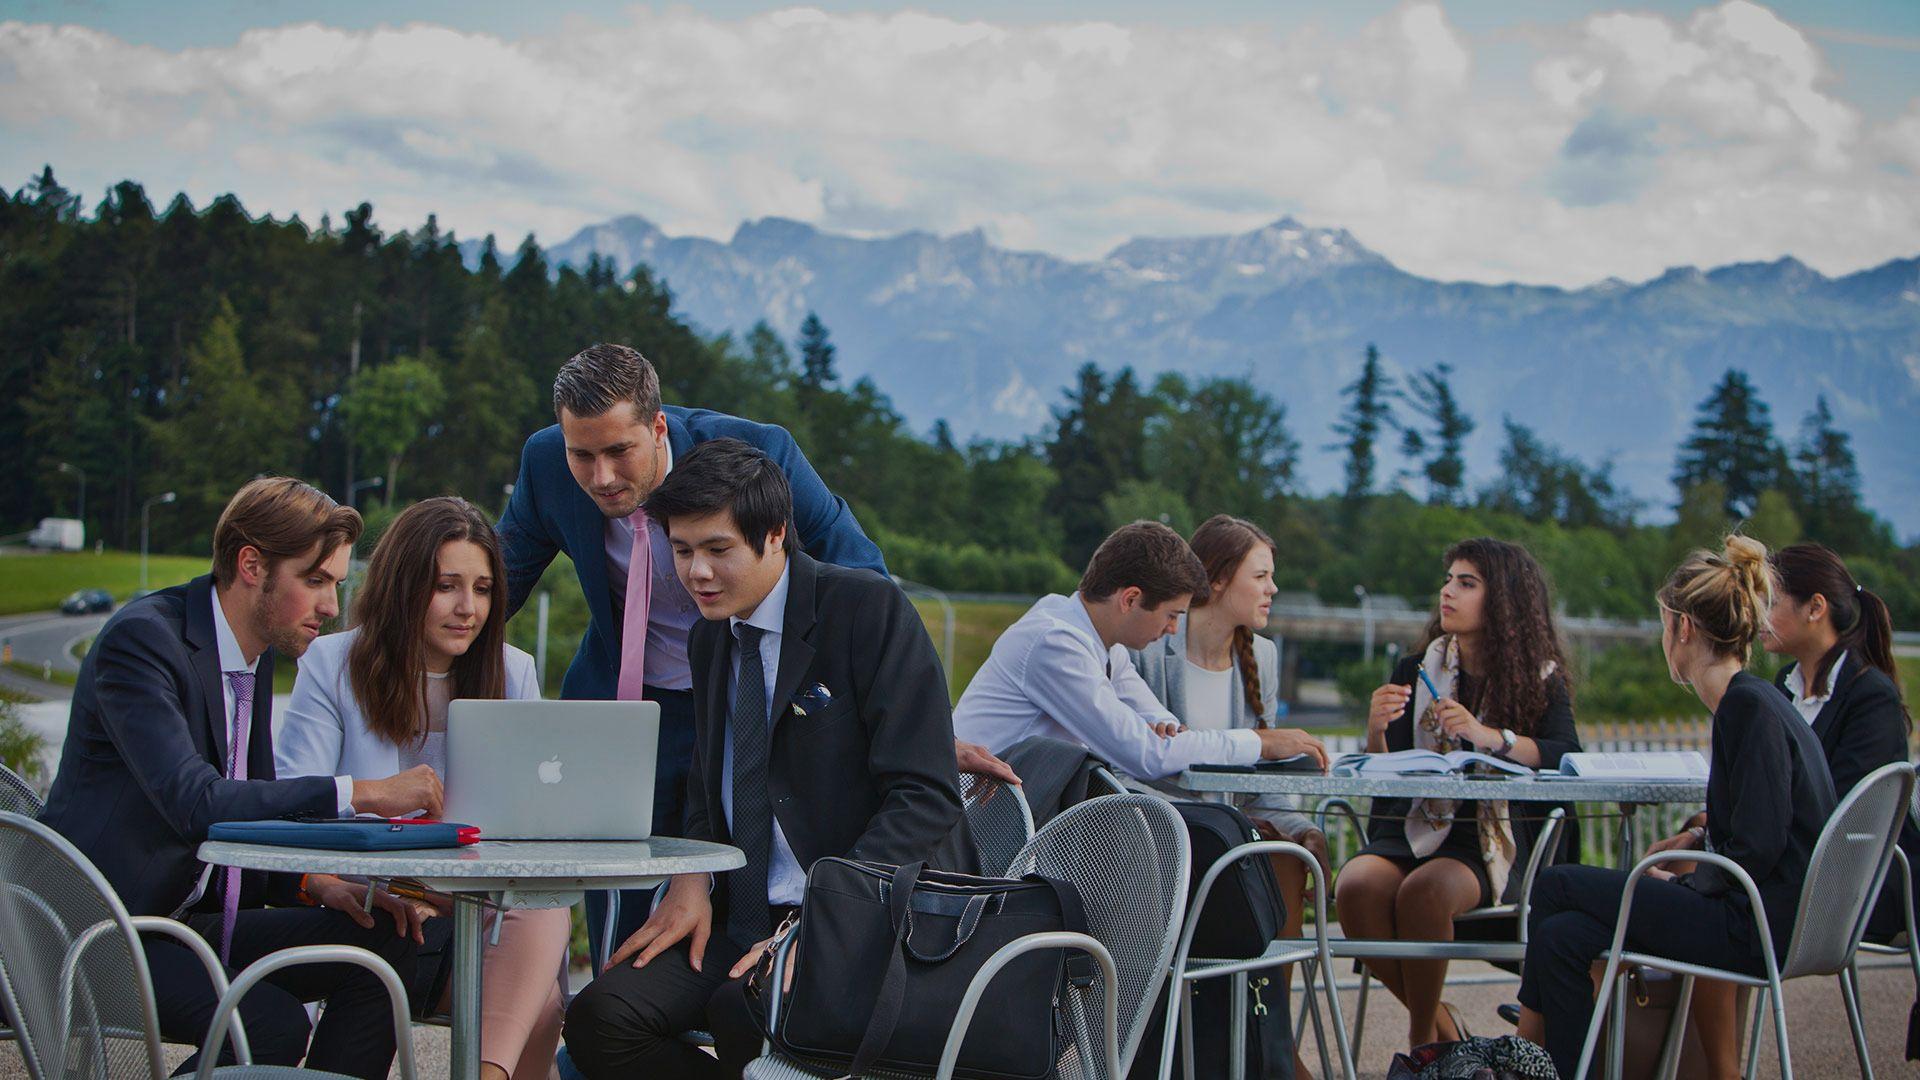 Образовательный вечер «Магистратура в сфере бизнеса в Европе». Фото - 3